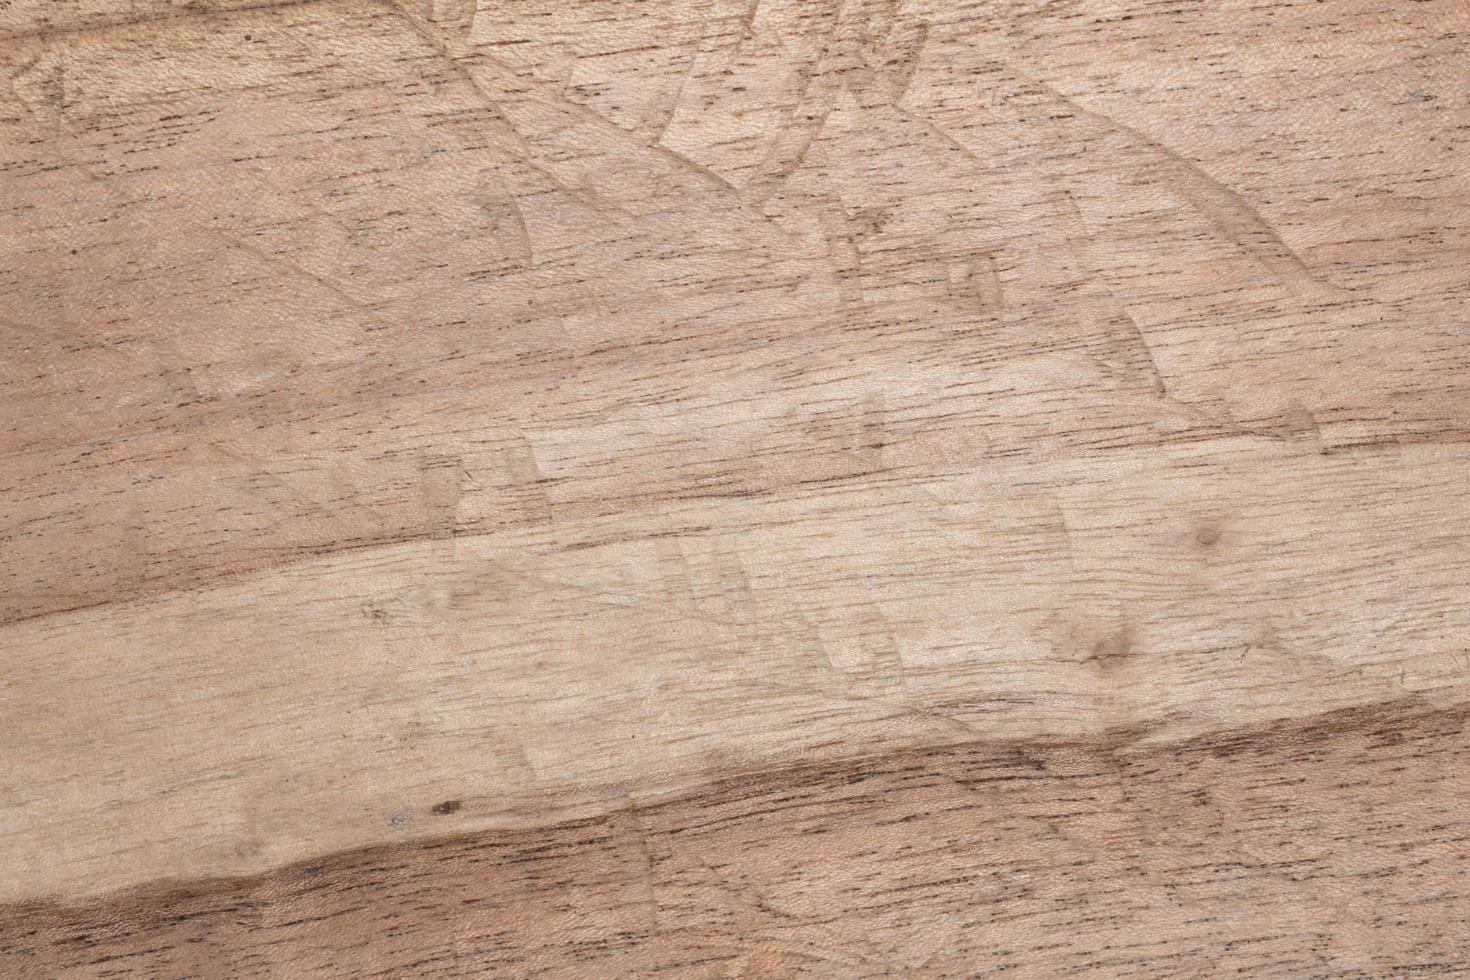 fond de modèle en bois photo